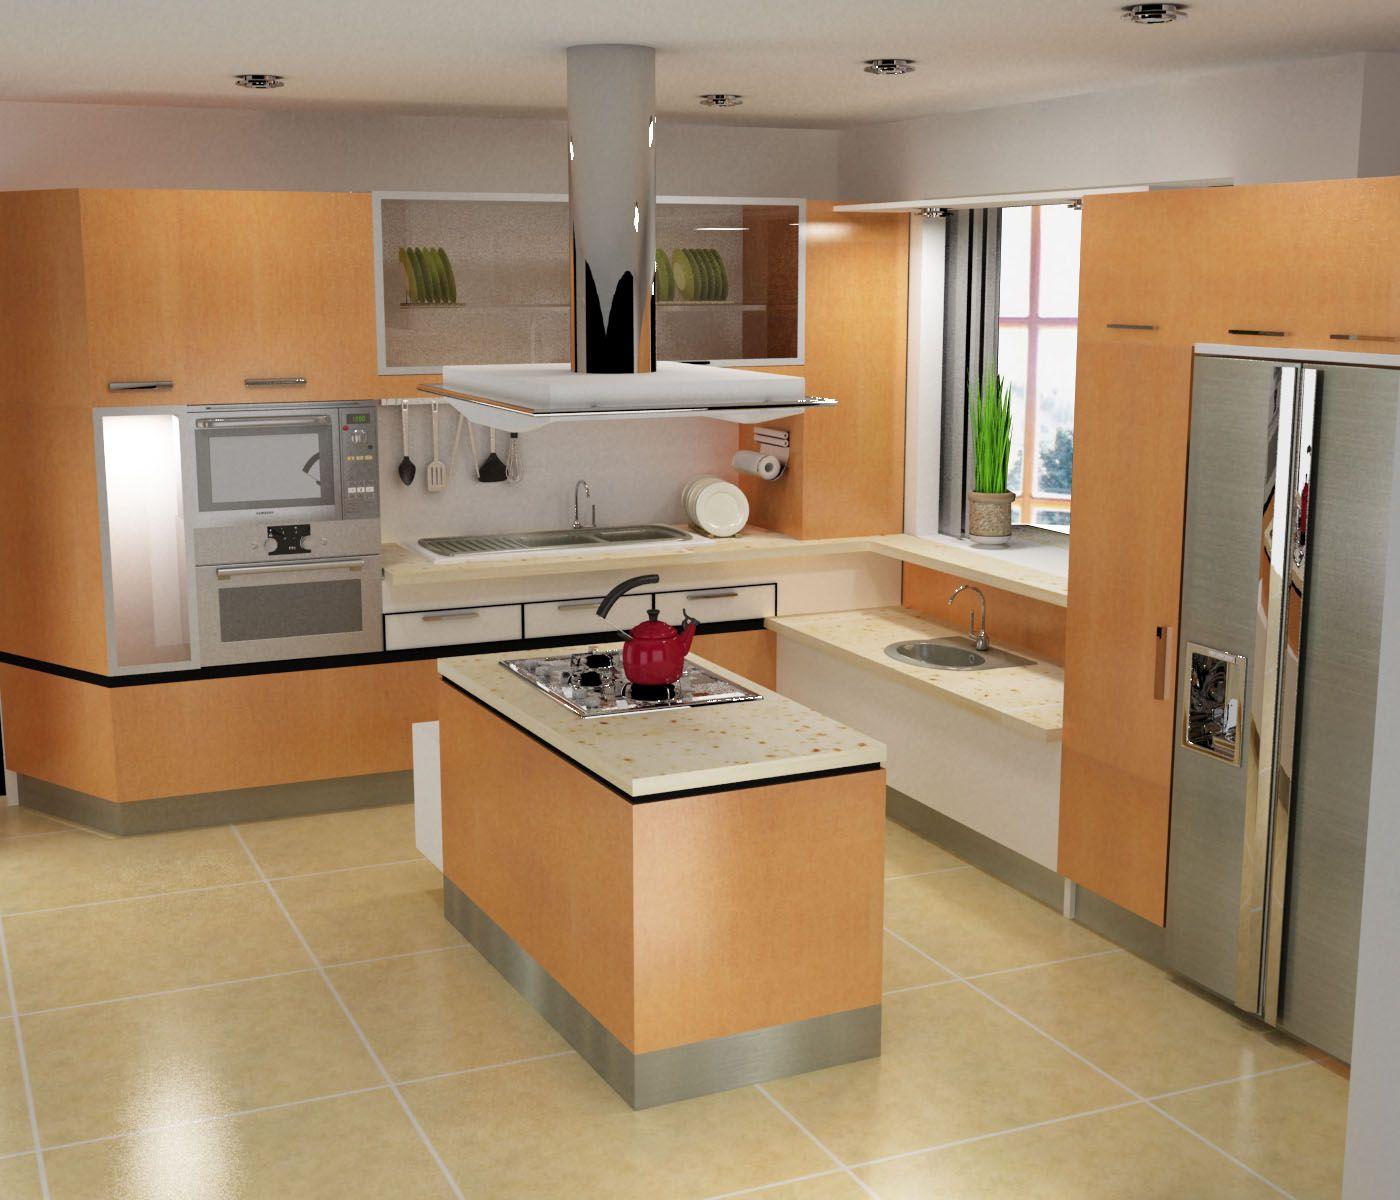 Cocina cocinas pinterest remodelacion de cocinas for Remodelacion de cocinas pequenas